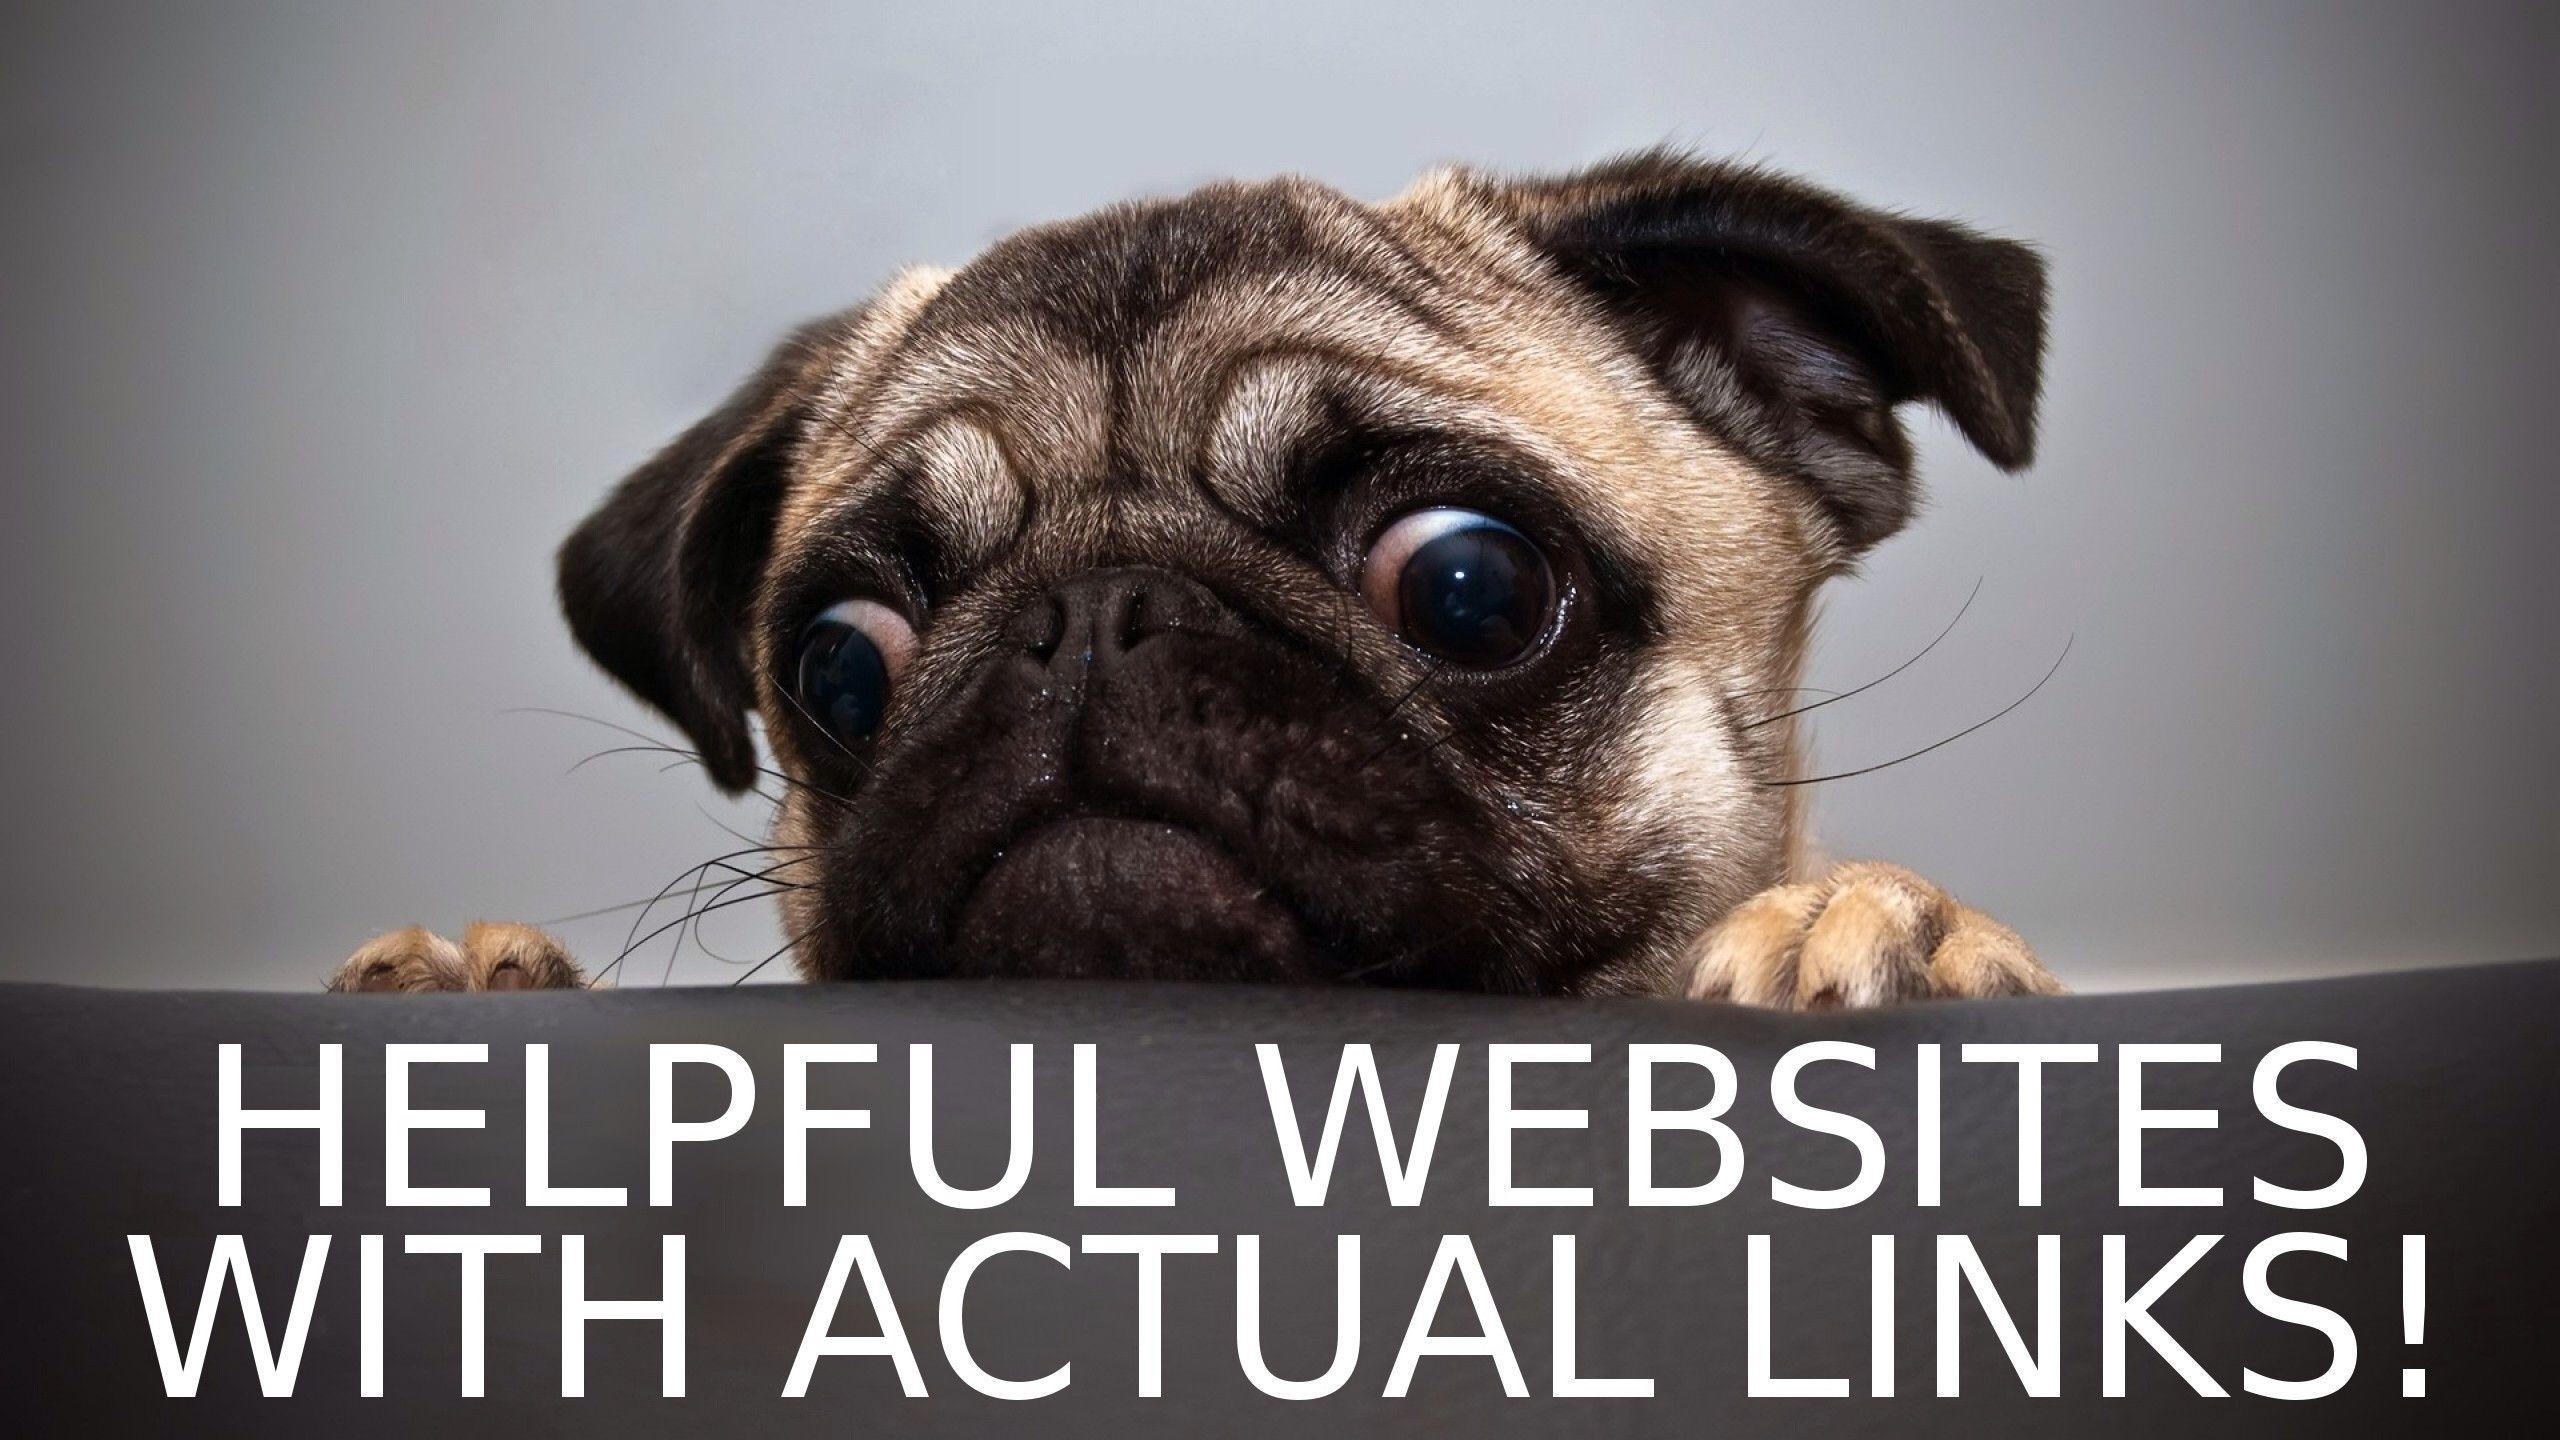 Helpful Websites Funny Animal Photos Cute Pugs Pugs